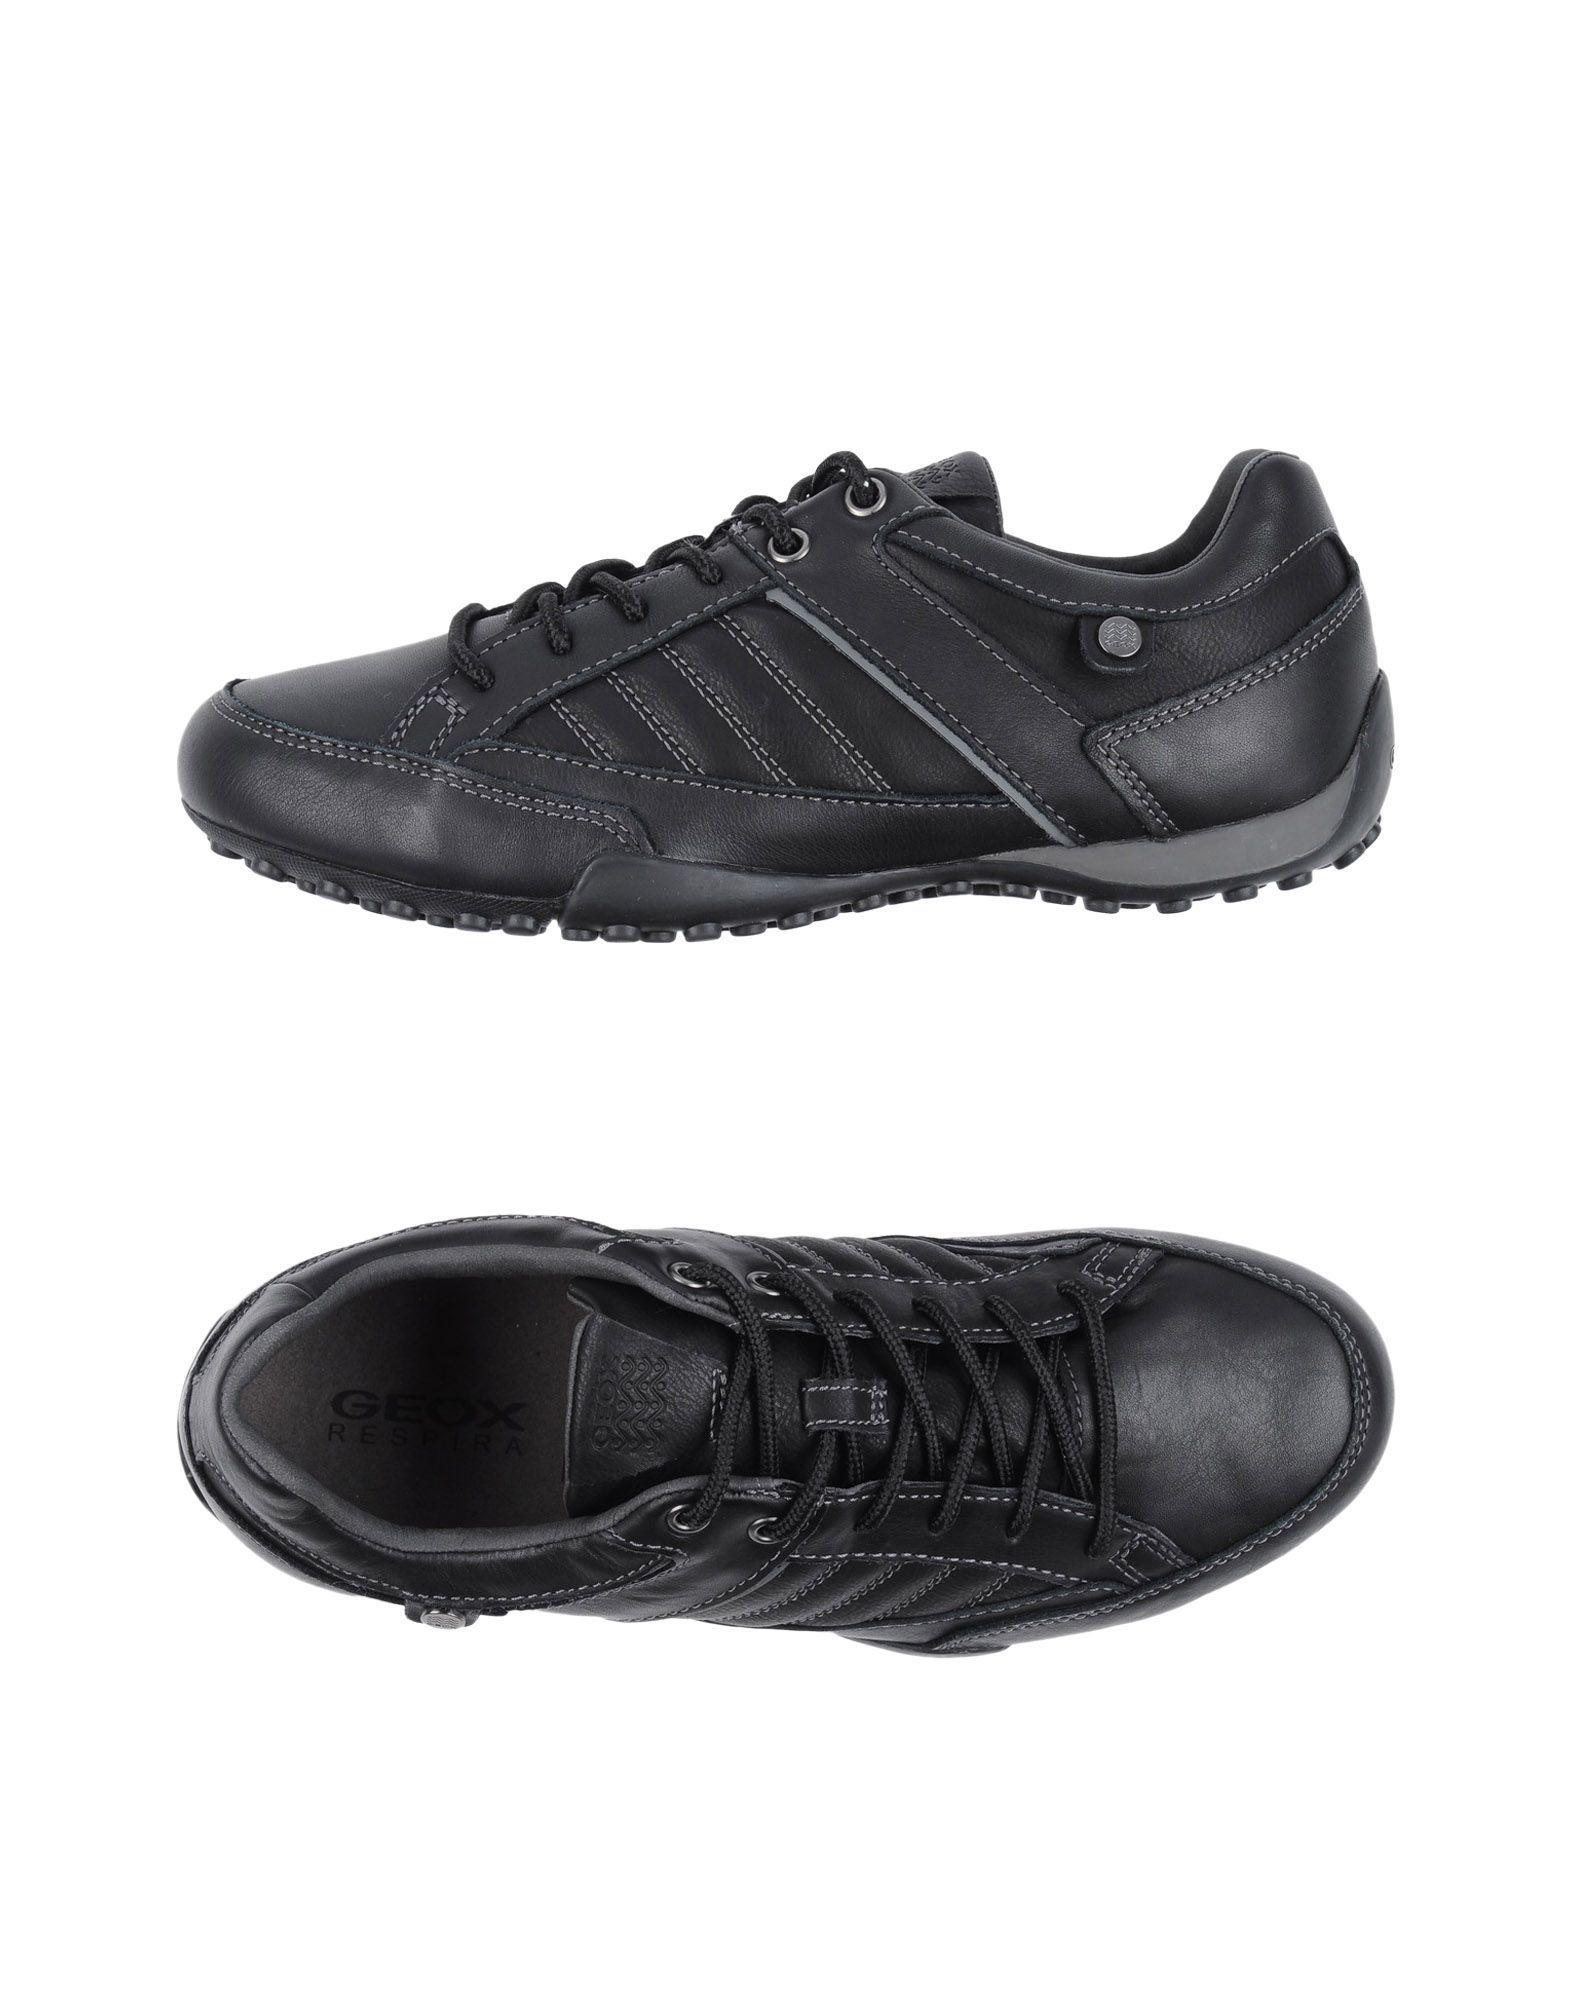 Perú submarino Fuente  Geox RESPIRA Precios y modelos   Modelos de zapatos, Zapatillas